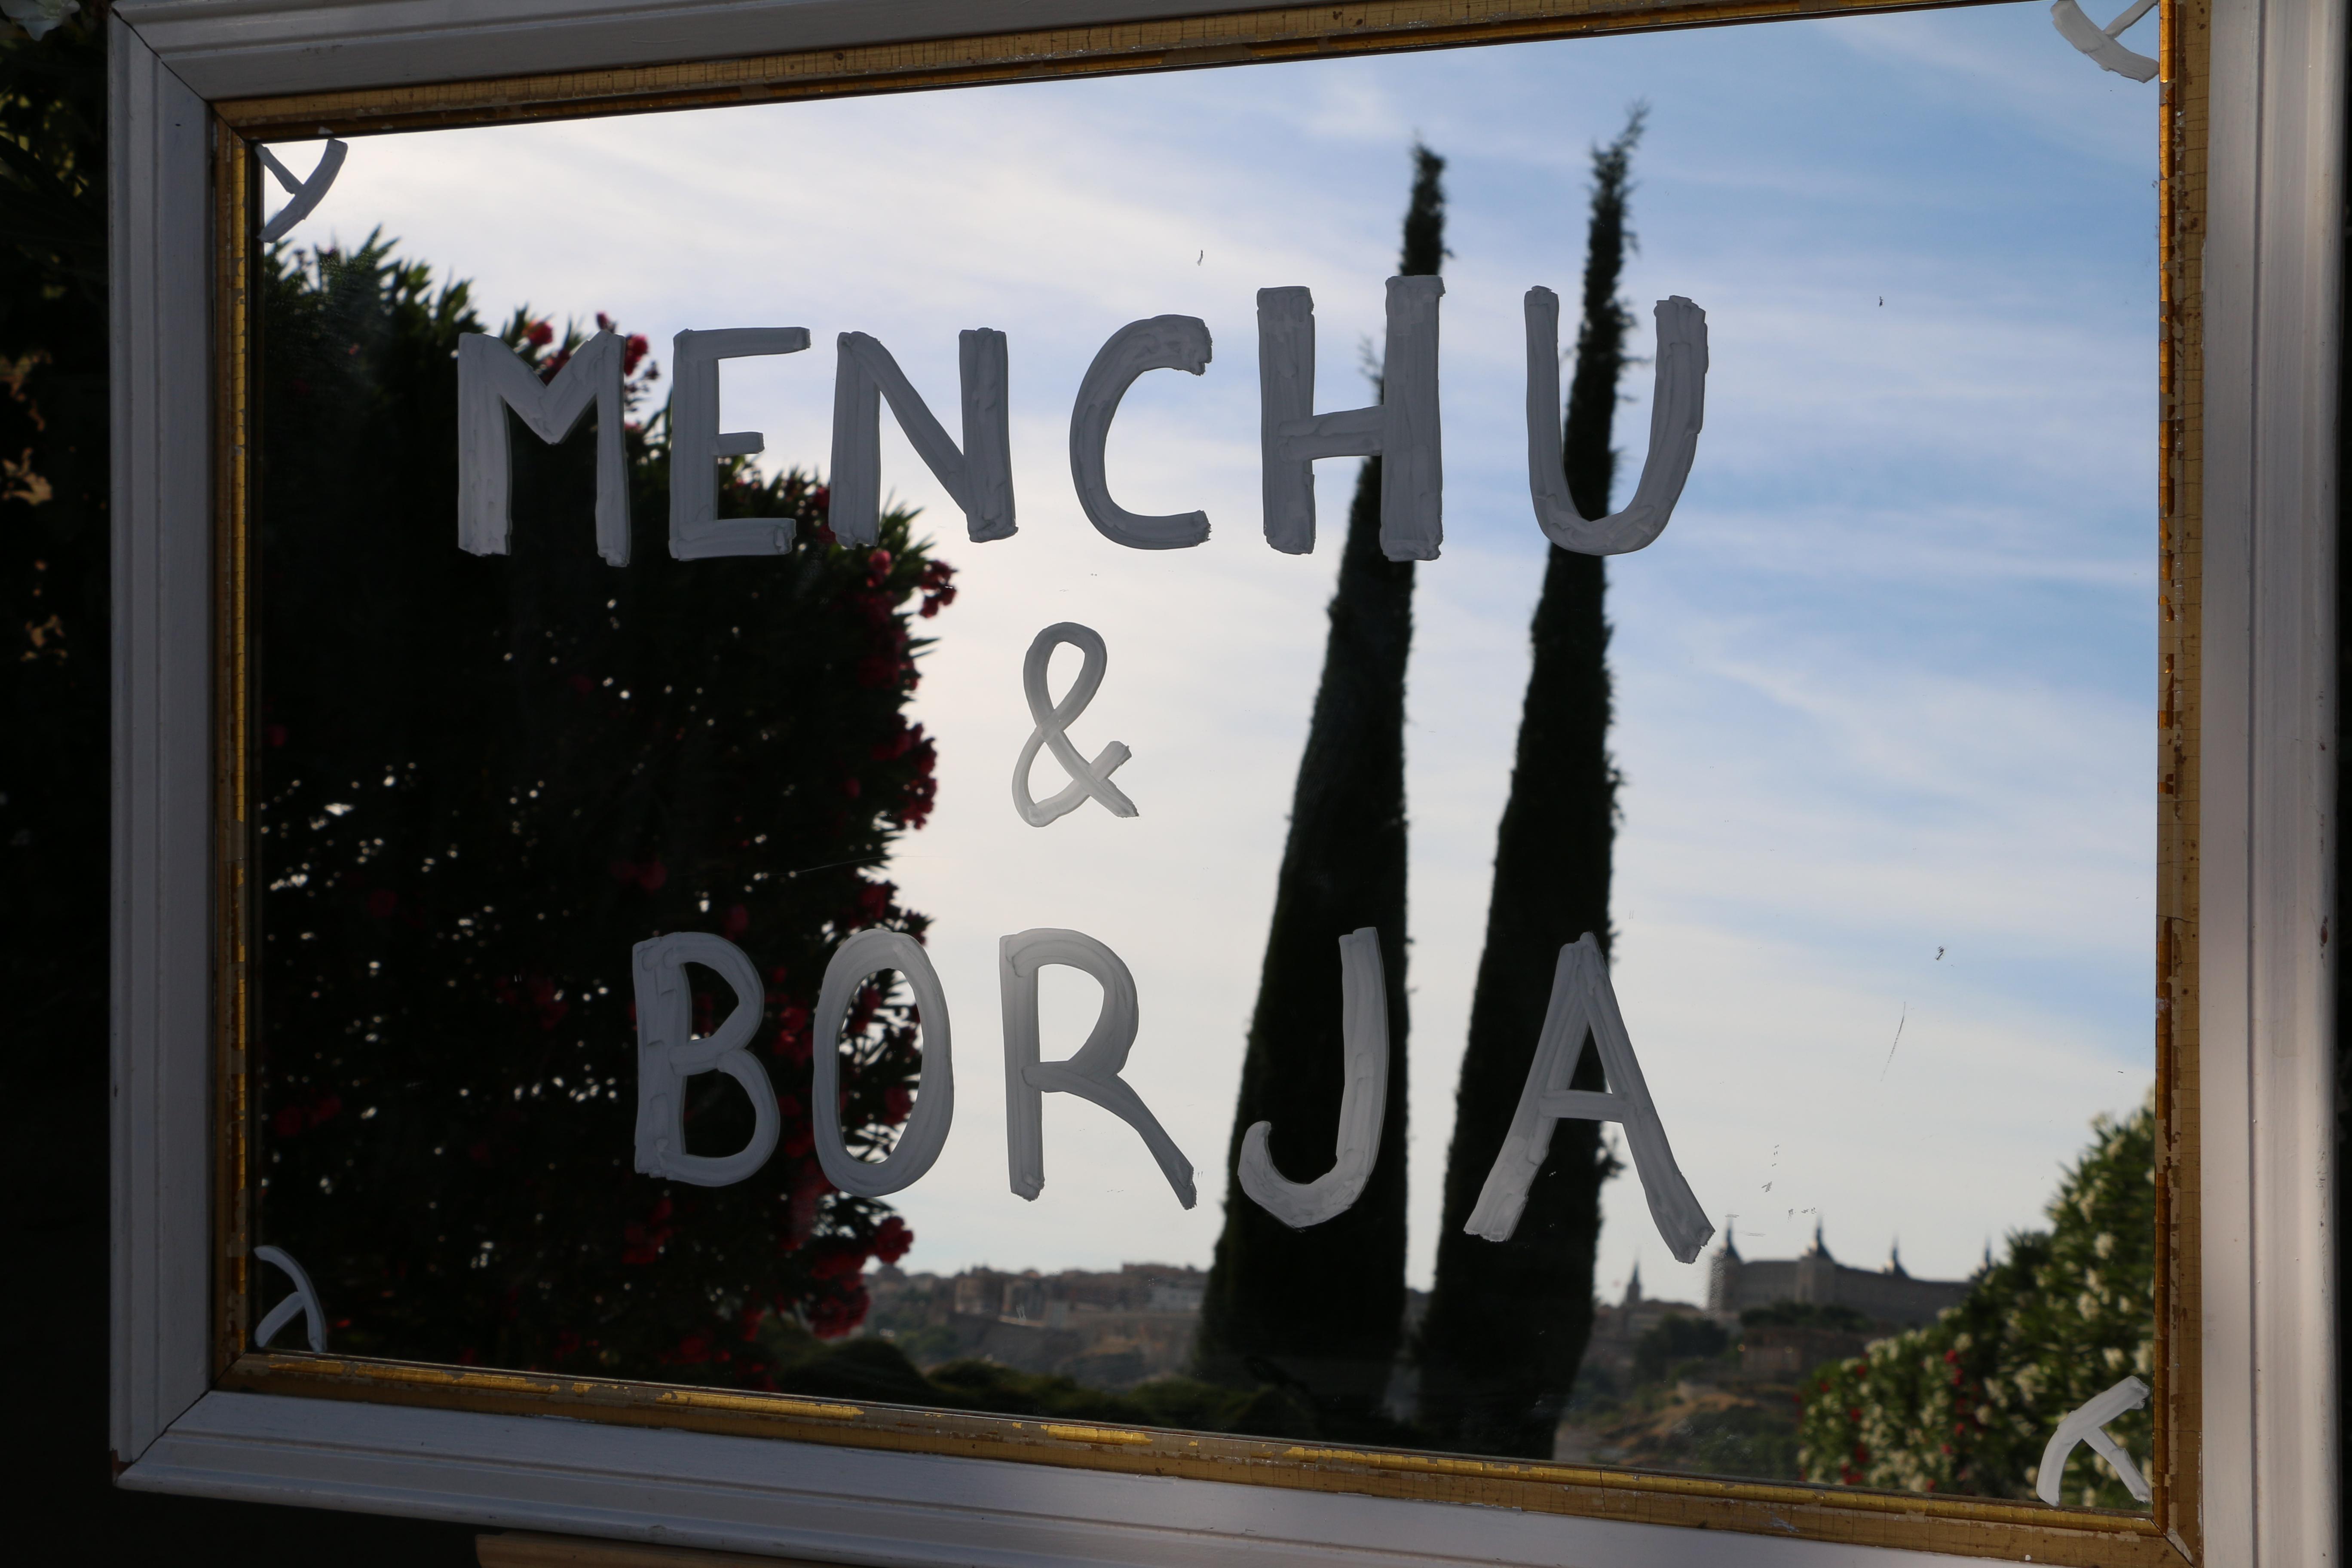 Menchu and borja wedding